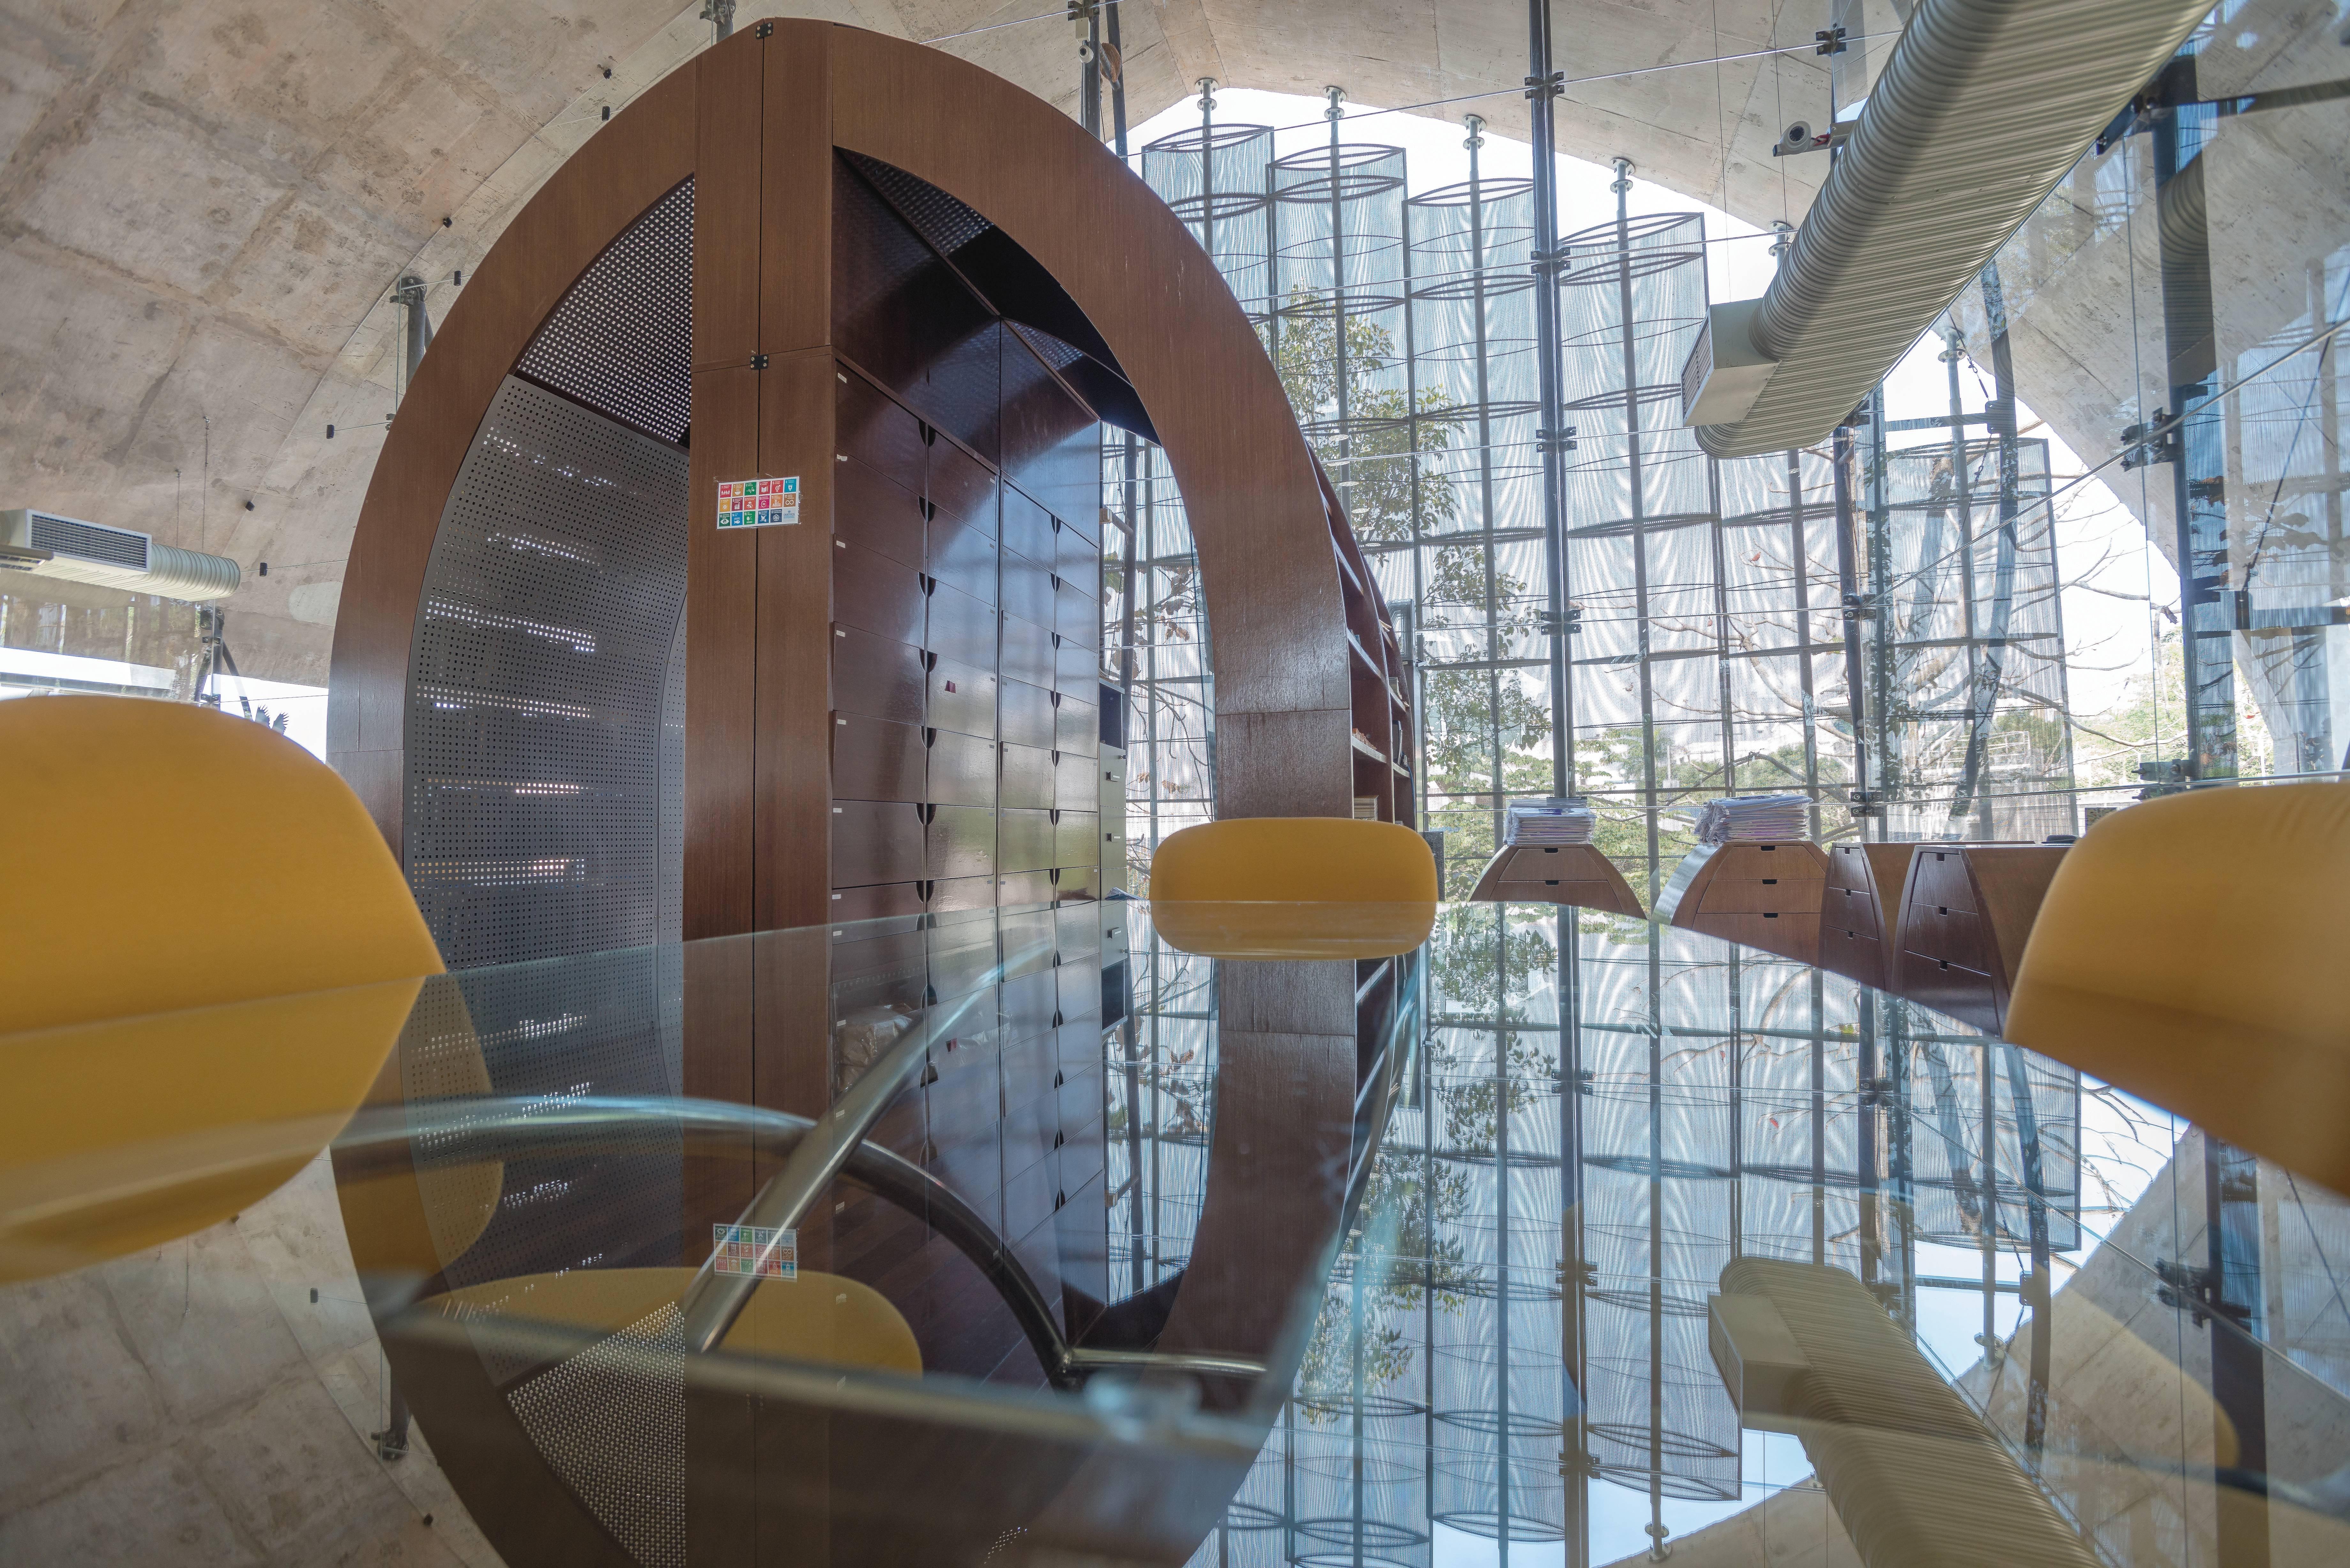 Apesar das paredes em vidro, o edifício tem beirais que mantém a temperatura interna, inspirado nas construções Yawalapit que são exemplares na arquitetura bioclimática. Foto: Centro Sebrae de Sustentabilidade/Wander Lima